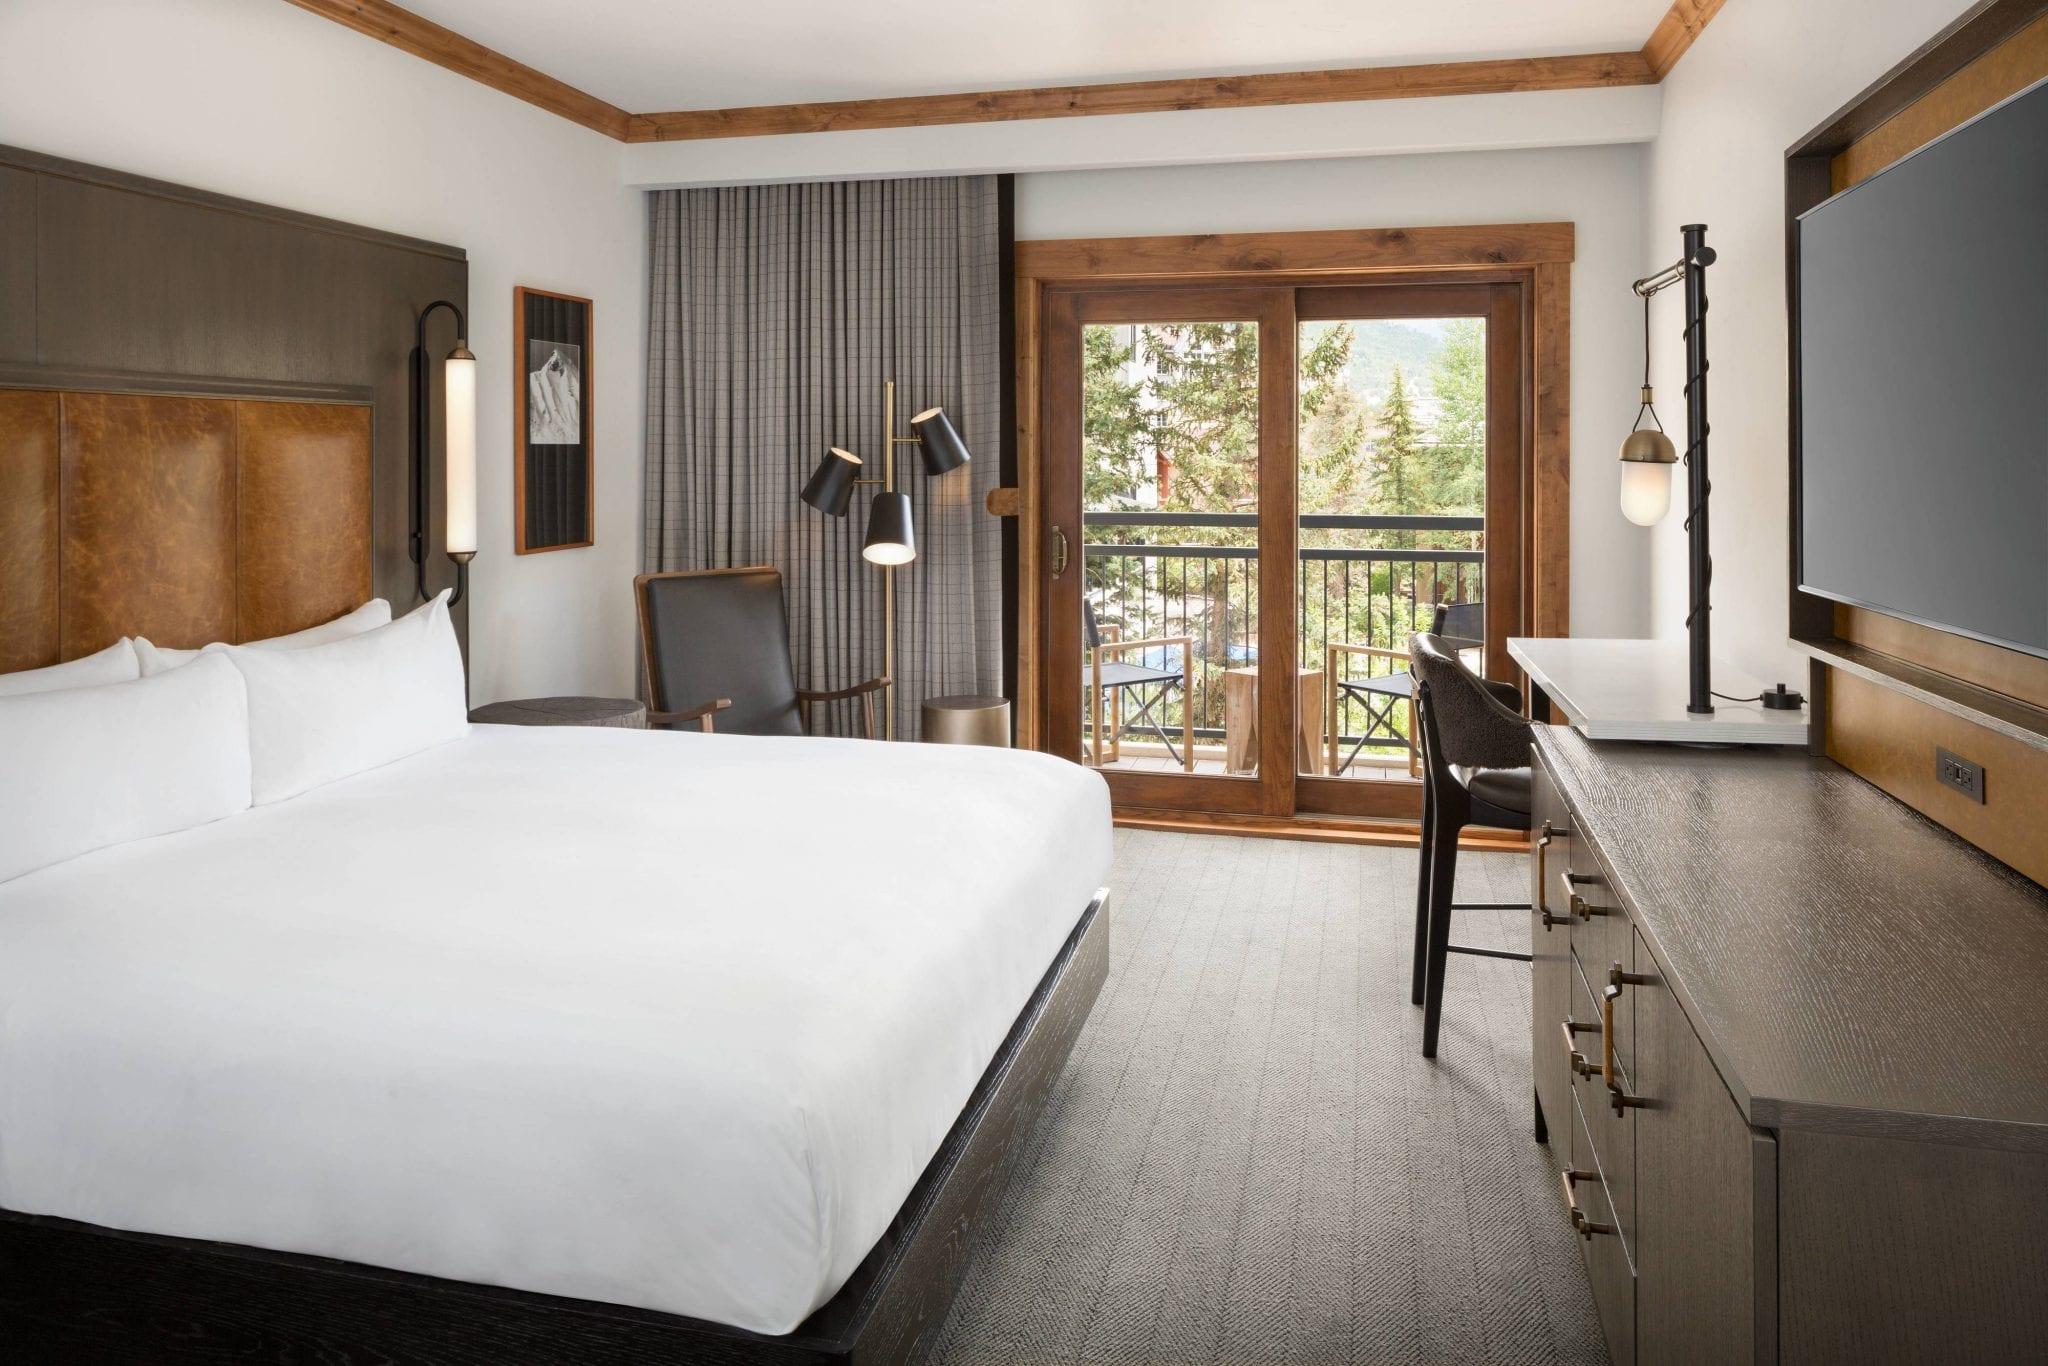 Room at Vail Marriott Mountain Resort.